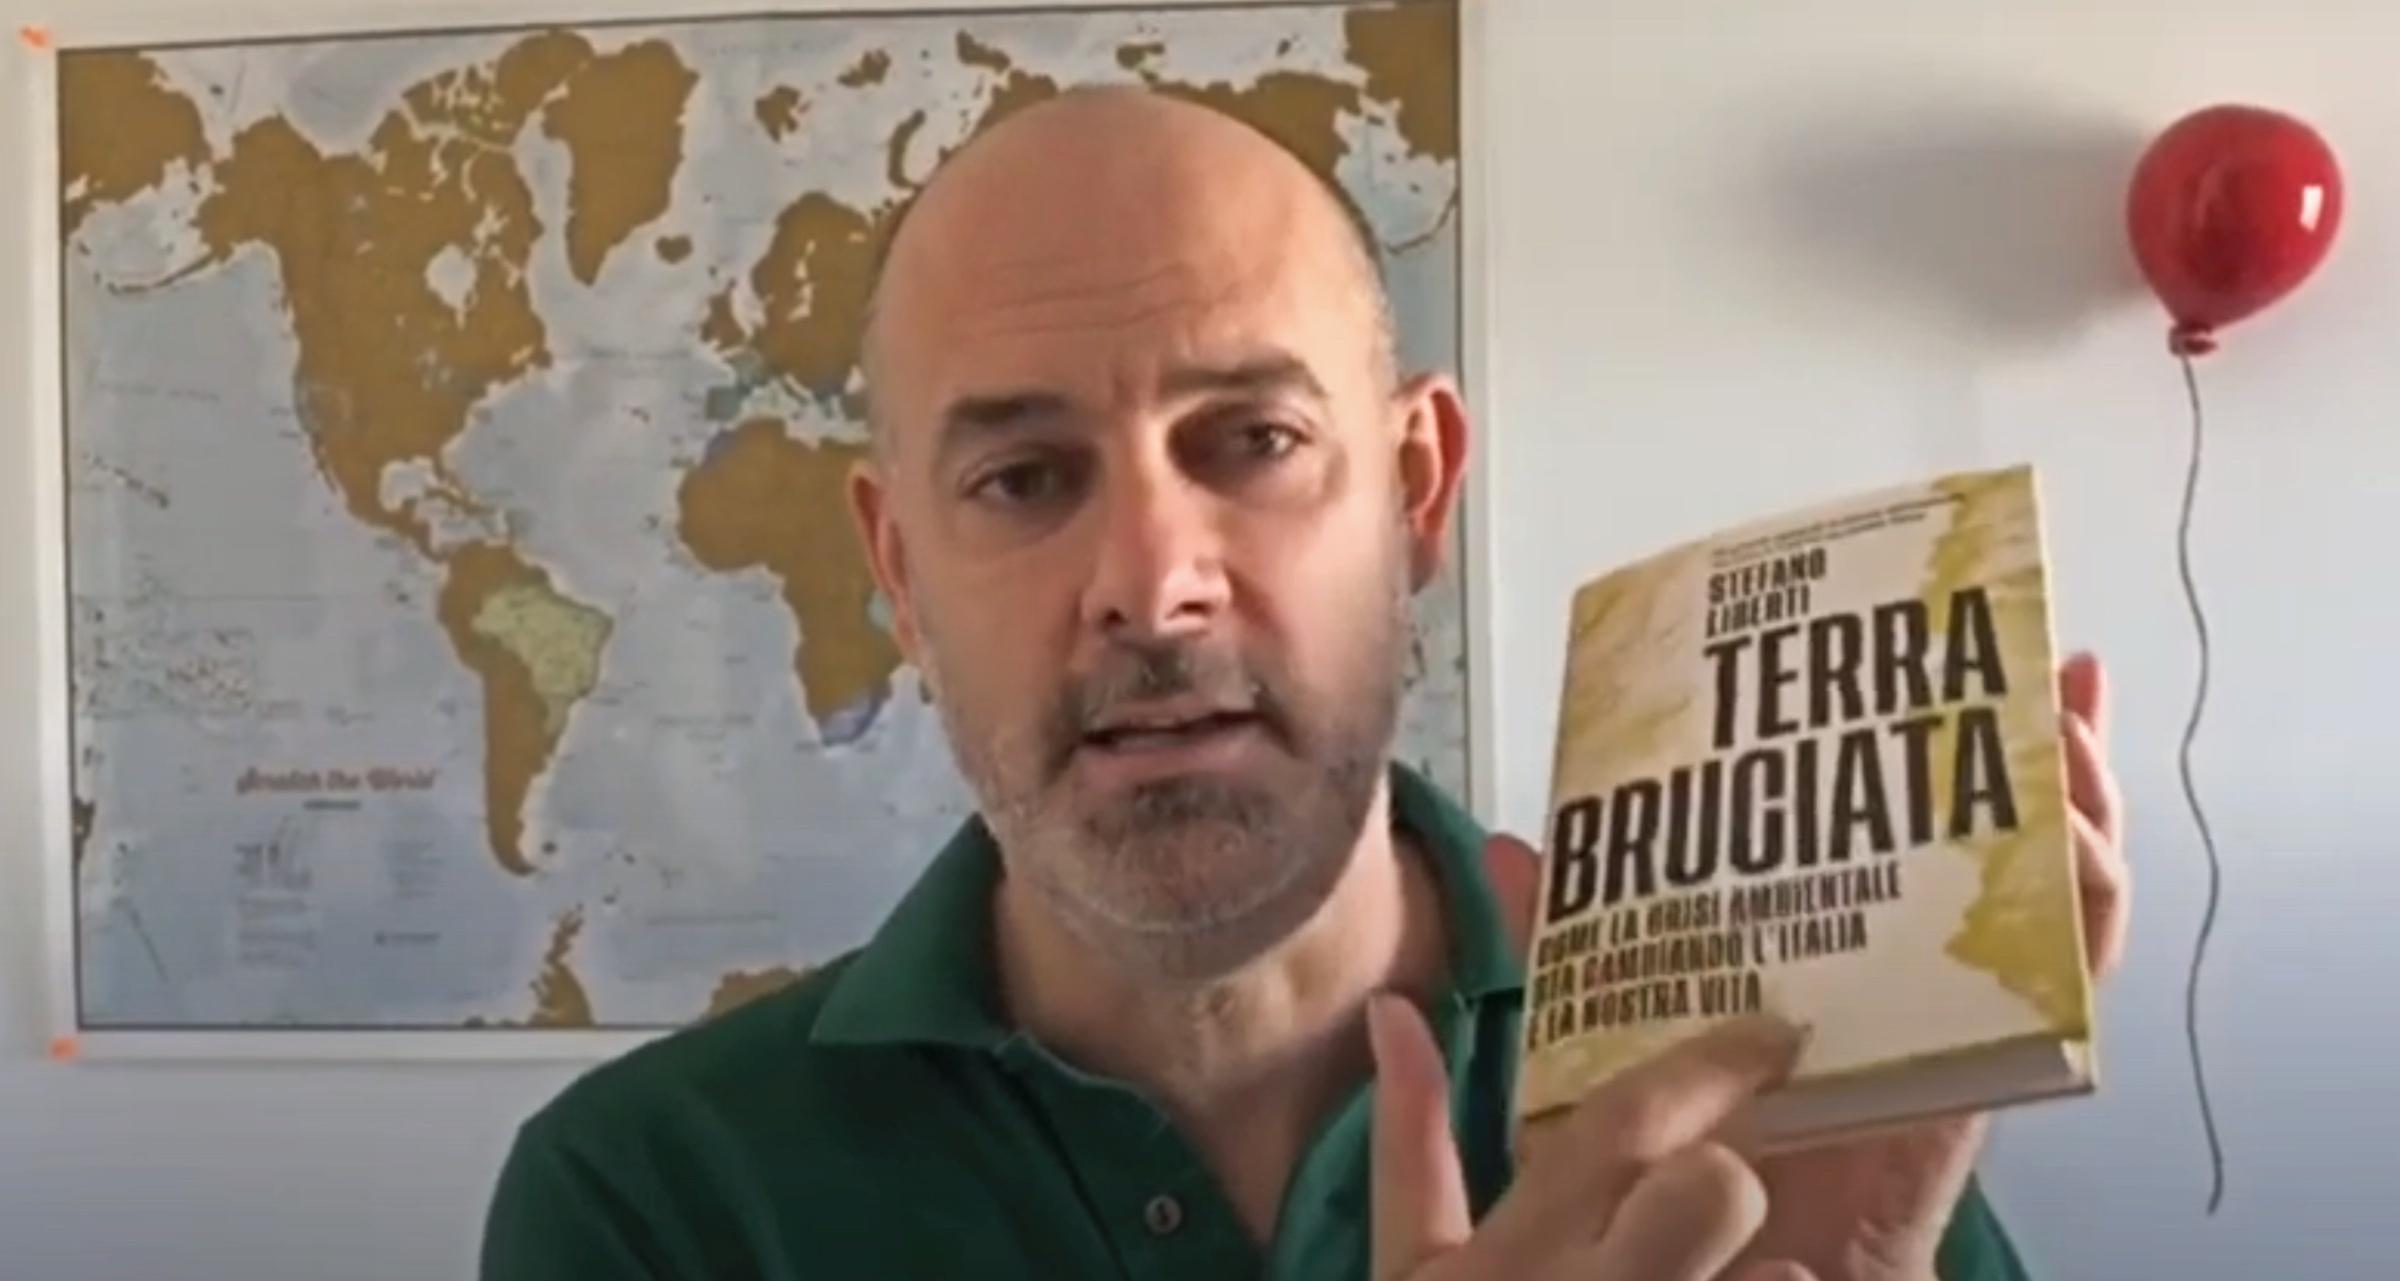 CONTAGIAMOCI DI CULTURA: IL GIORNALISTA STEFANO LIBERTI CI PRESENTA IL SUO ULTIMO LIBRO 'TERRA BRUCIATA'